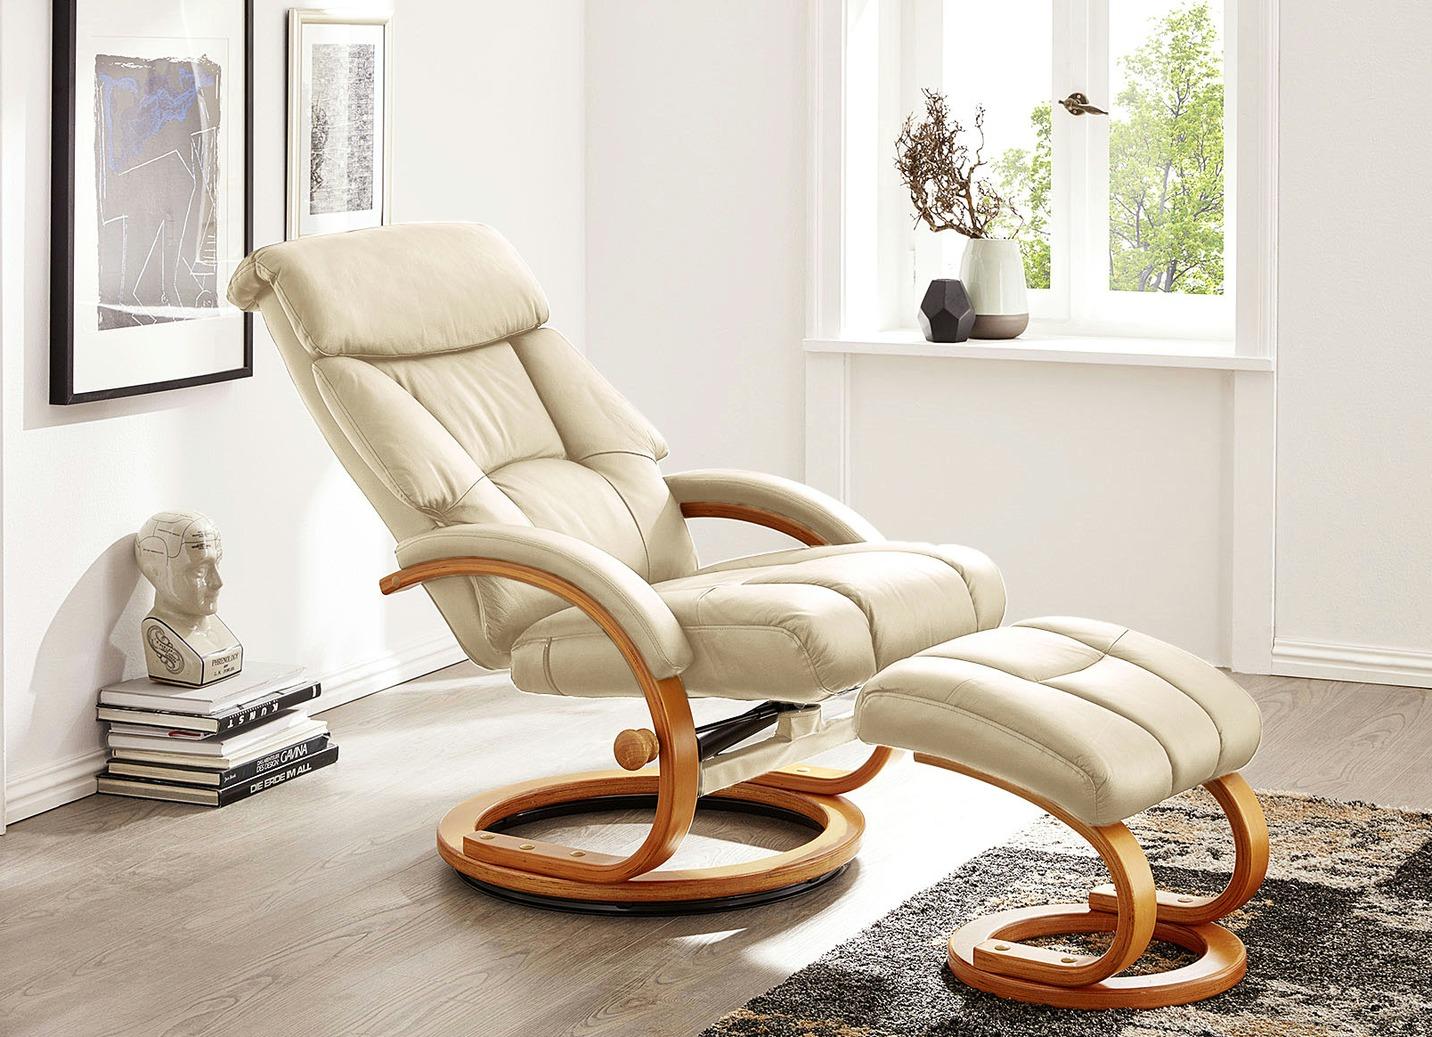 Relax-Sessel mit Hocker - Wohnzimmer   Brigitte Hachenburg